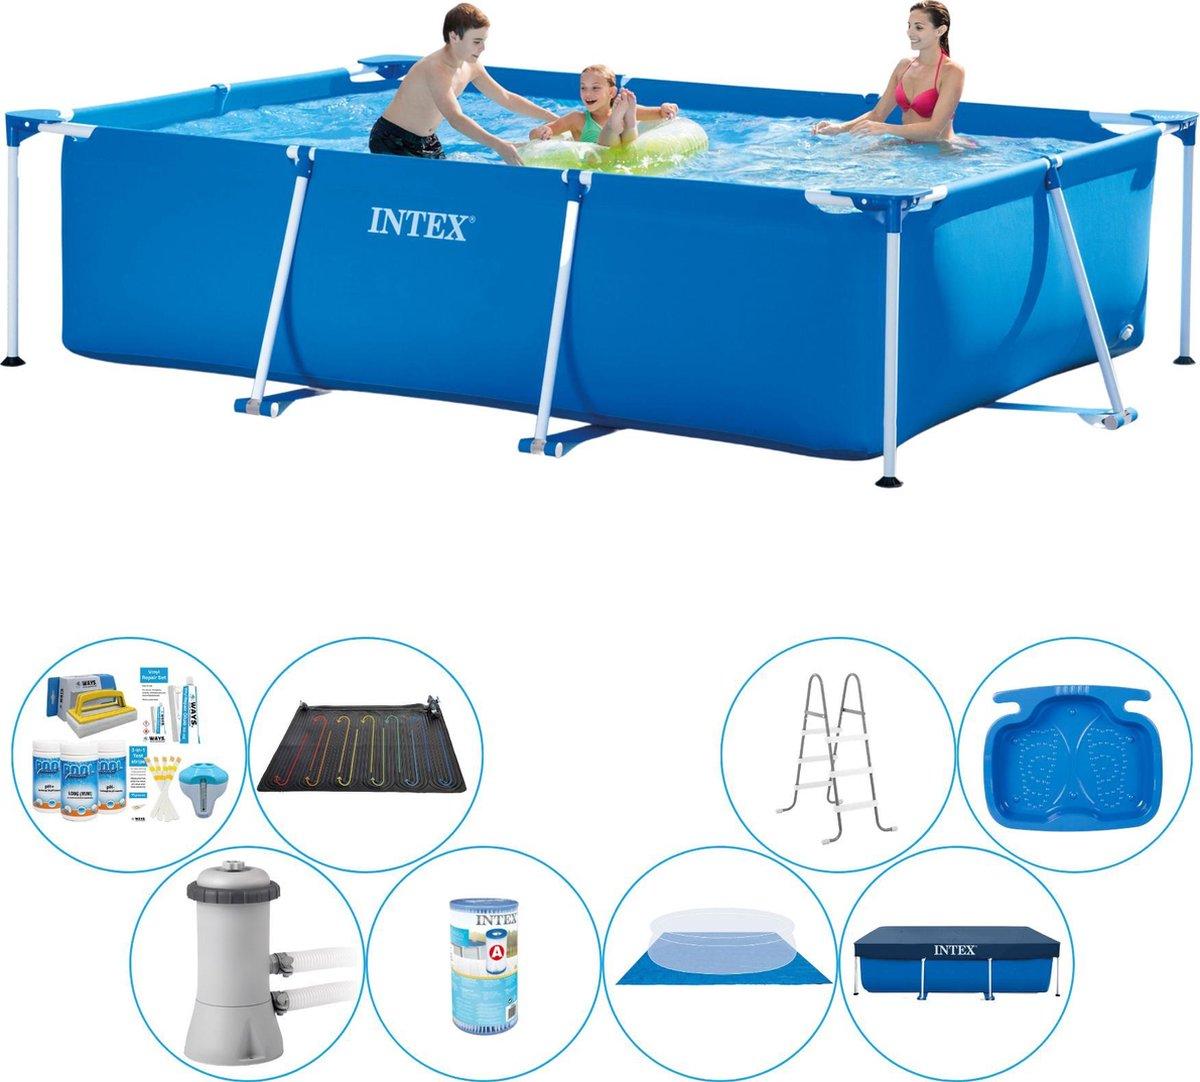 Intex Rechthoekig Zwembad - 300 x 200 x 75 cm - Inclusief alle benodigdheden